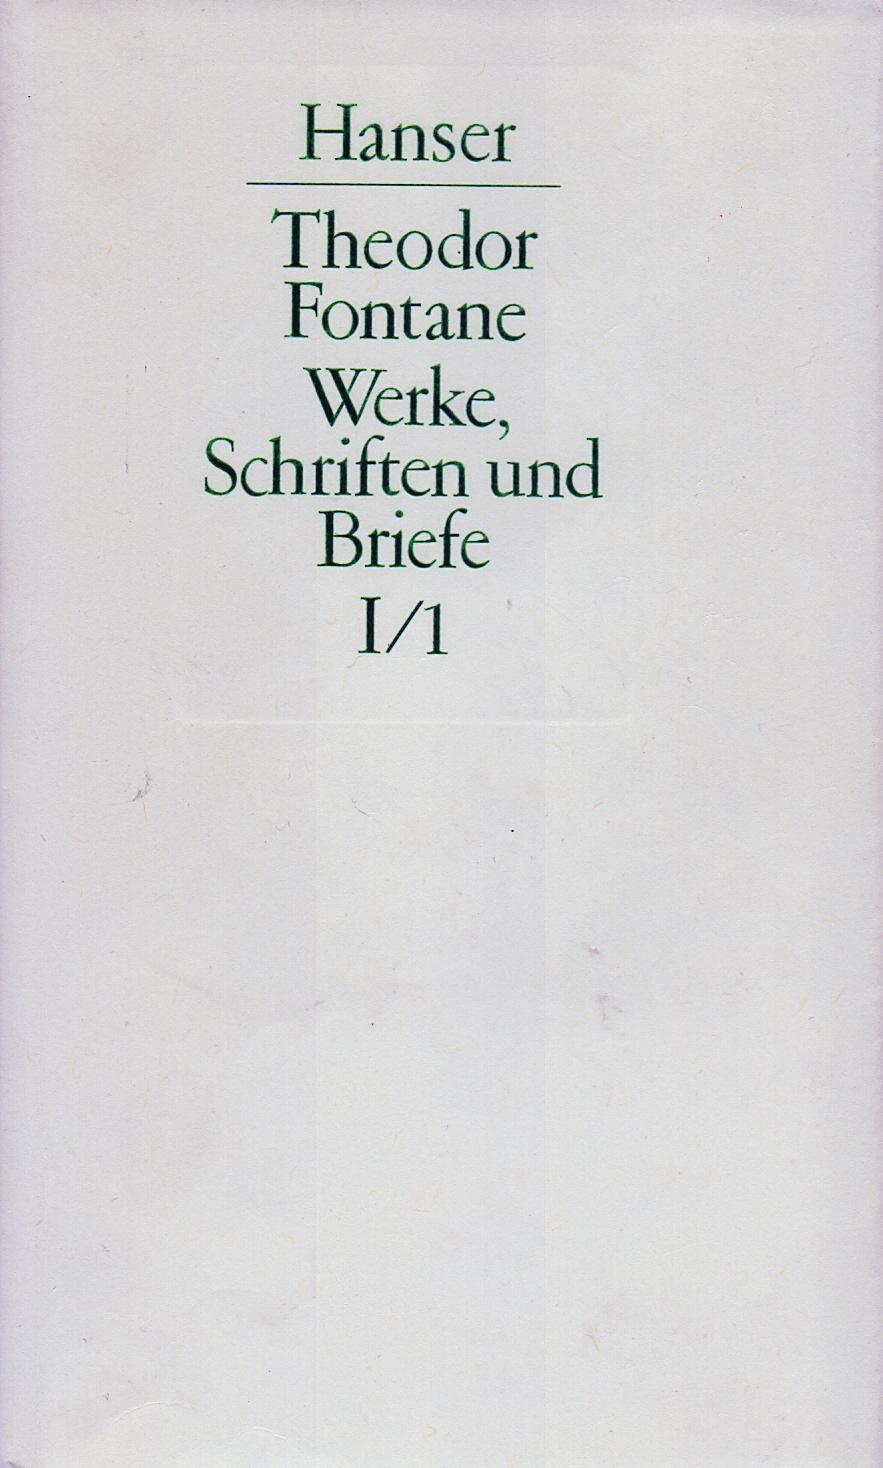 Theodor Fontane: Werke, Schriften und Briefe / Sämtliche Romane, Erzählungen, Gedichte, Nachgelassenes - Abteilung 1 / 1